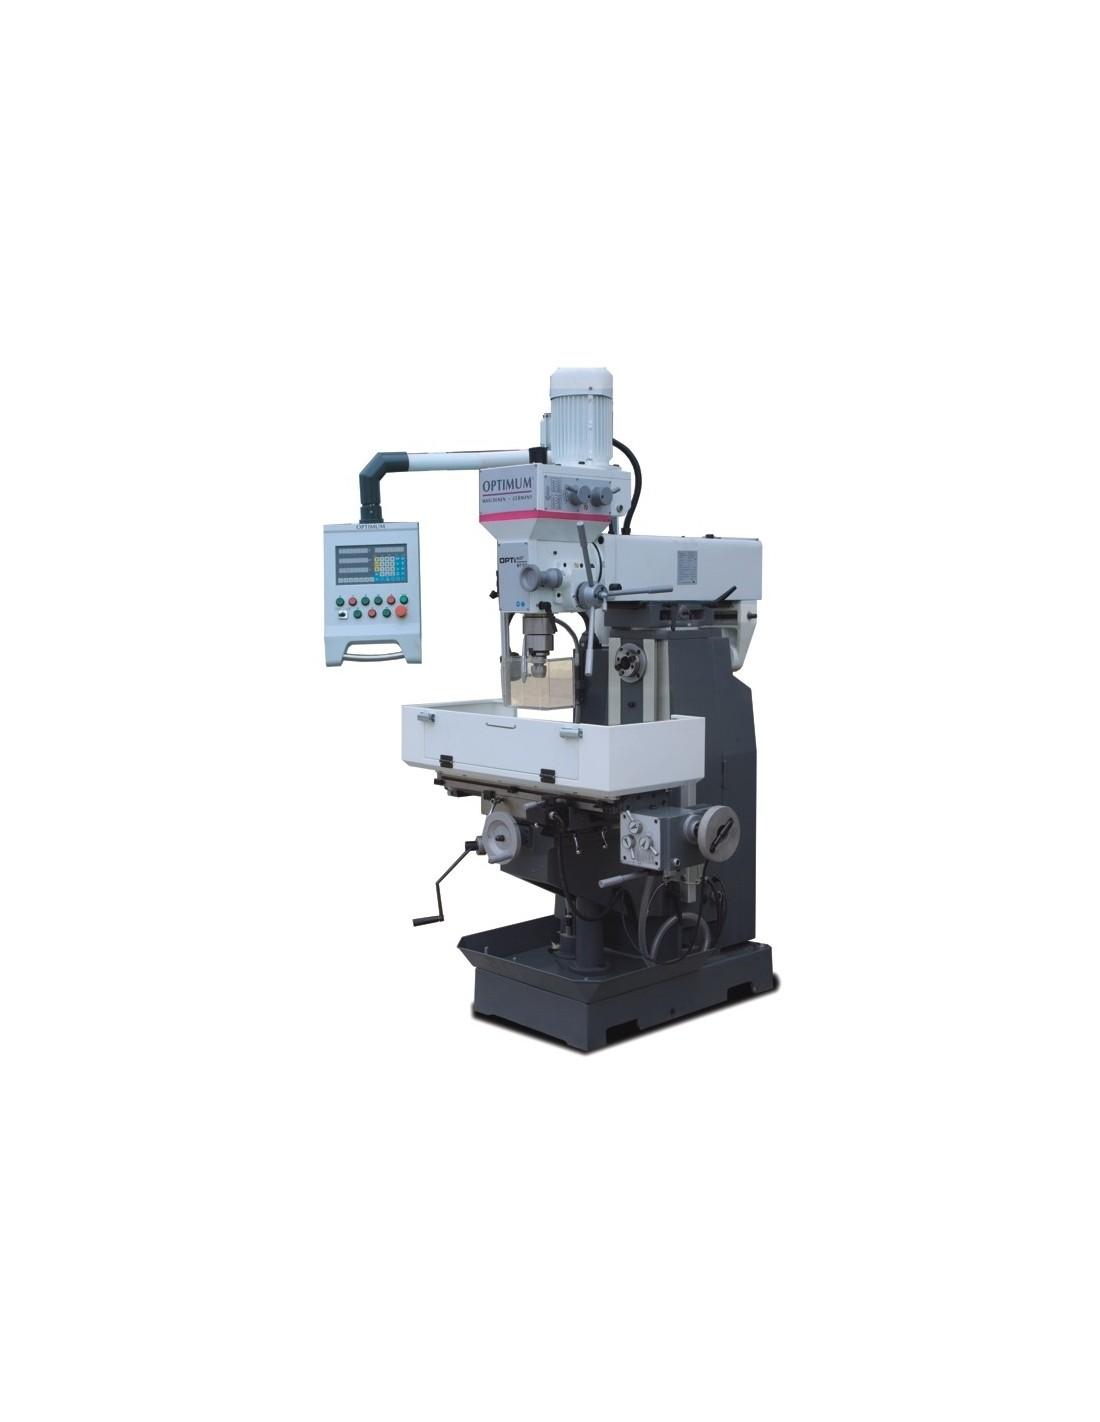 Masina de frezat universala Optimum MT 50